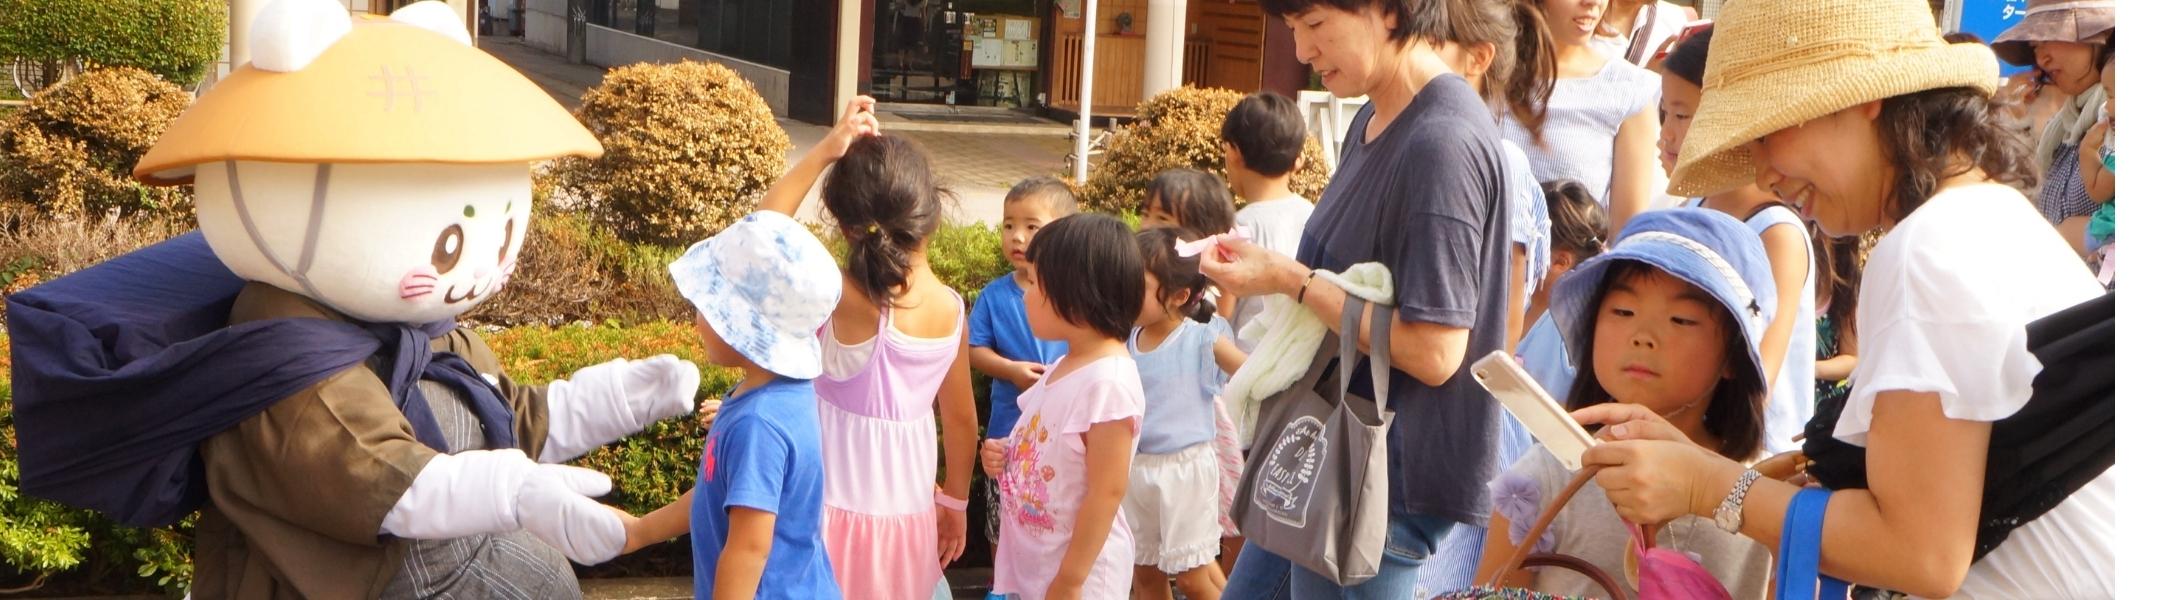 ボランティア|子育て世代の応援